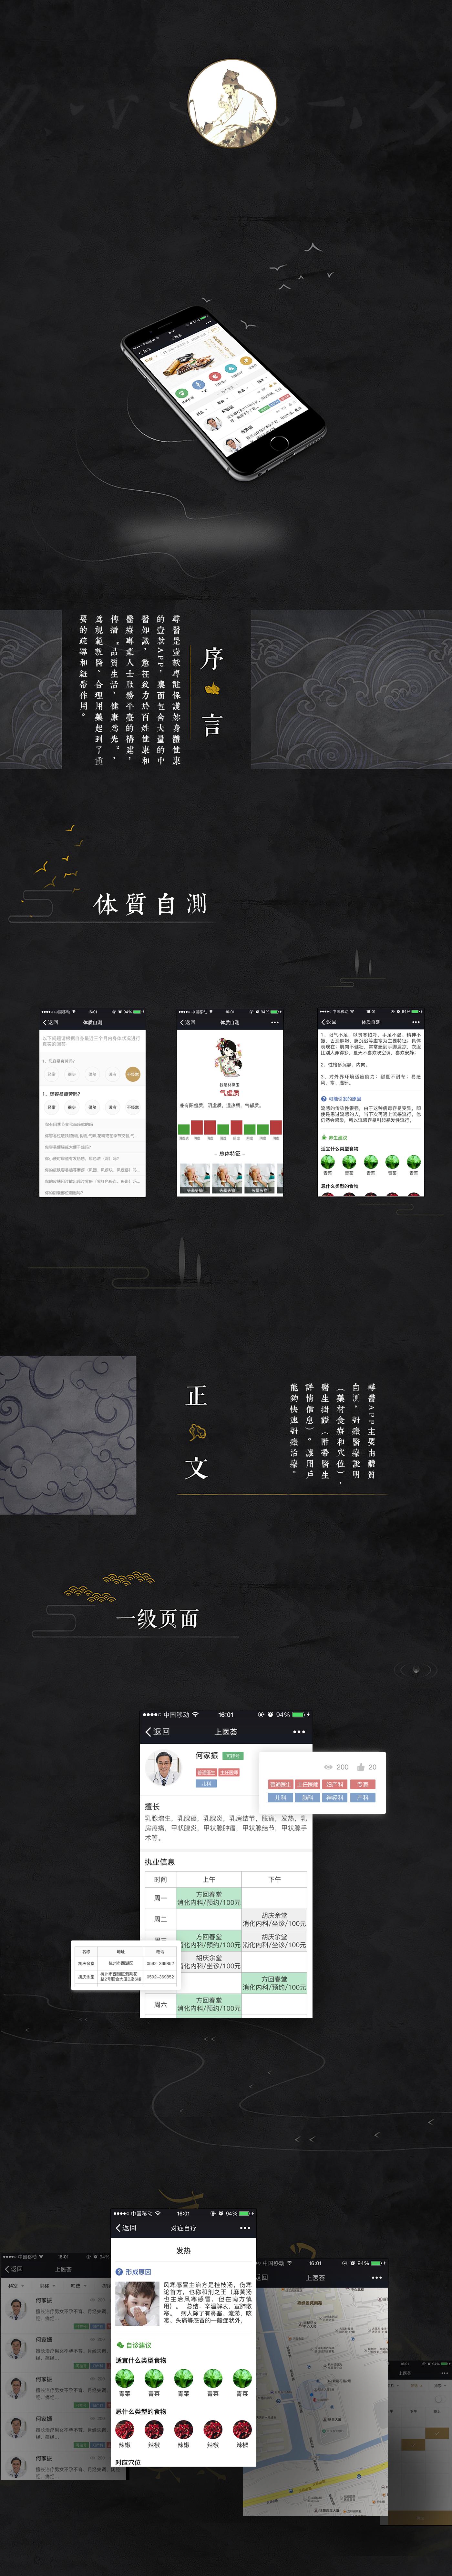 杭州上医网络科技有限公司